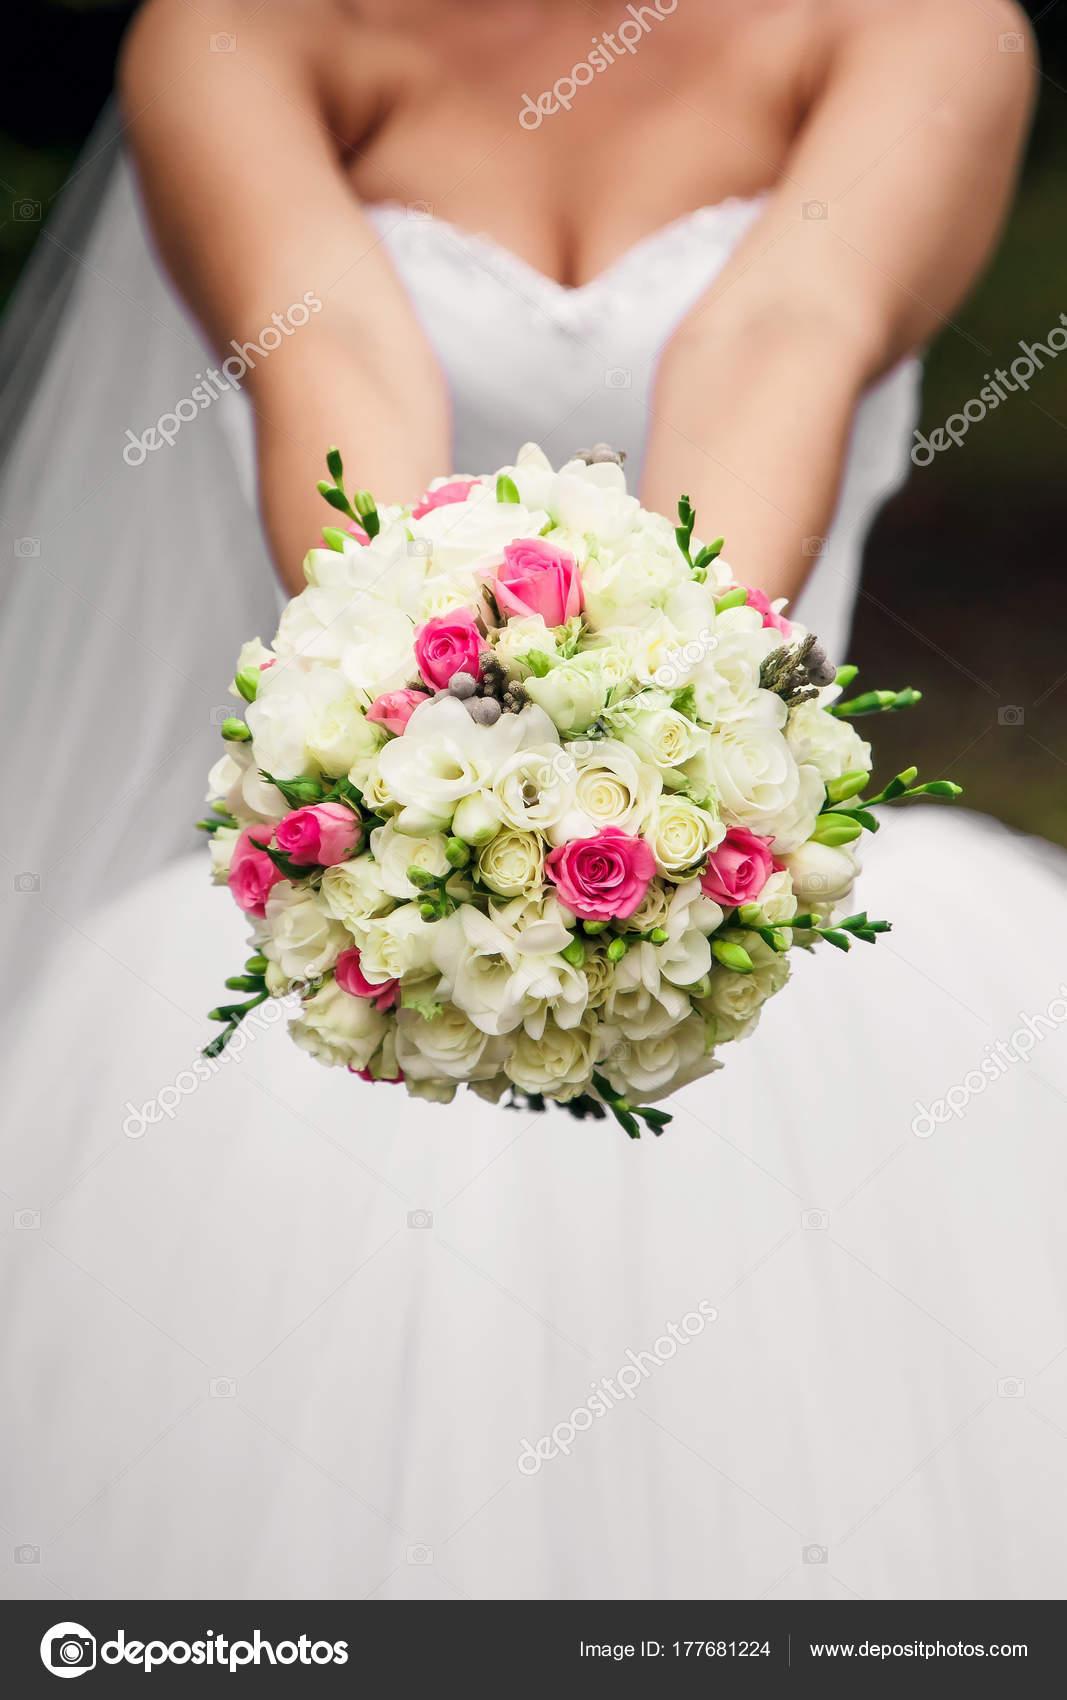 Die Braut Halt Einen Brautstrauss Ihren Handen Der Natur Stockfoto